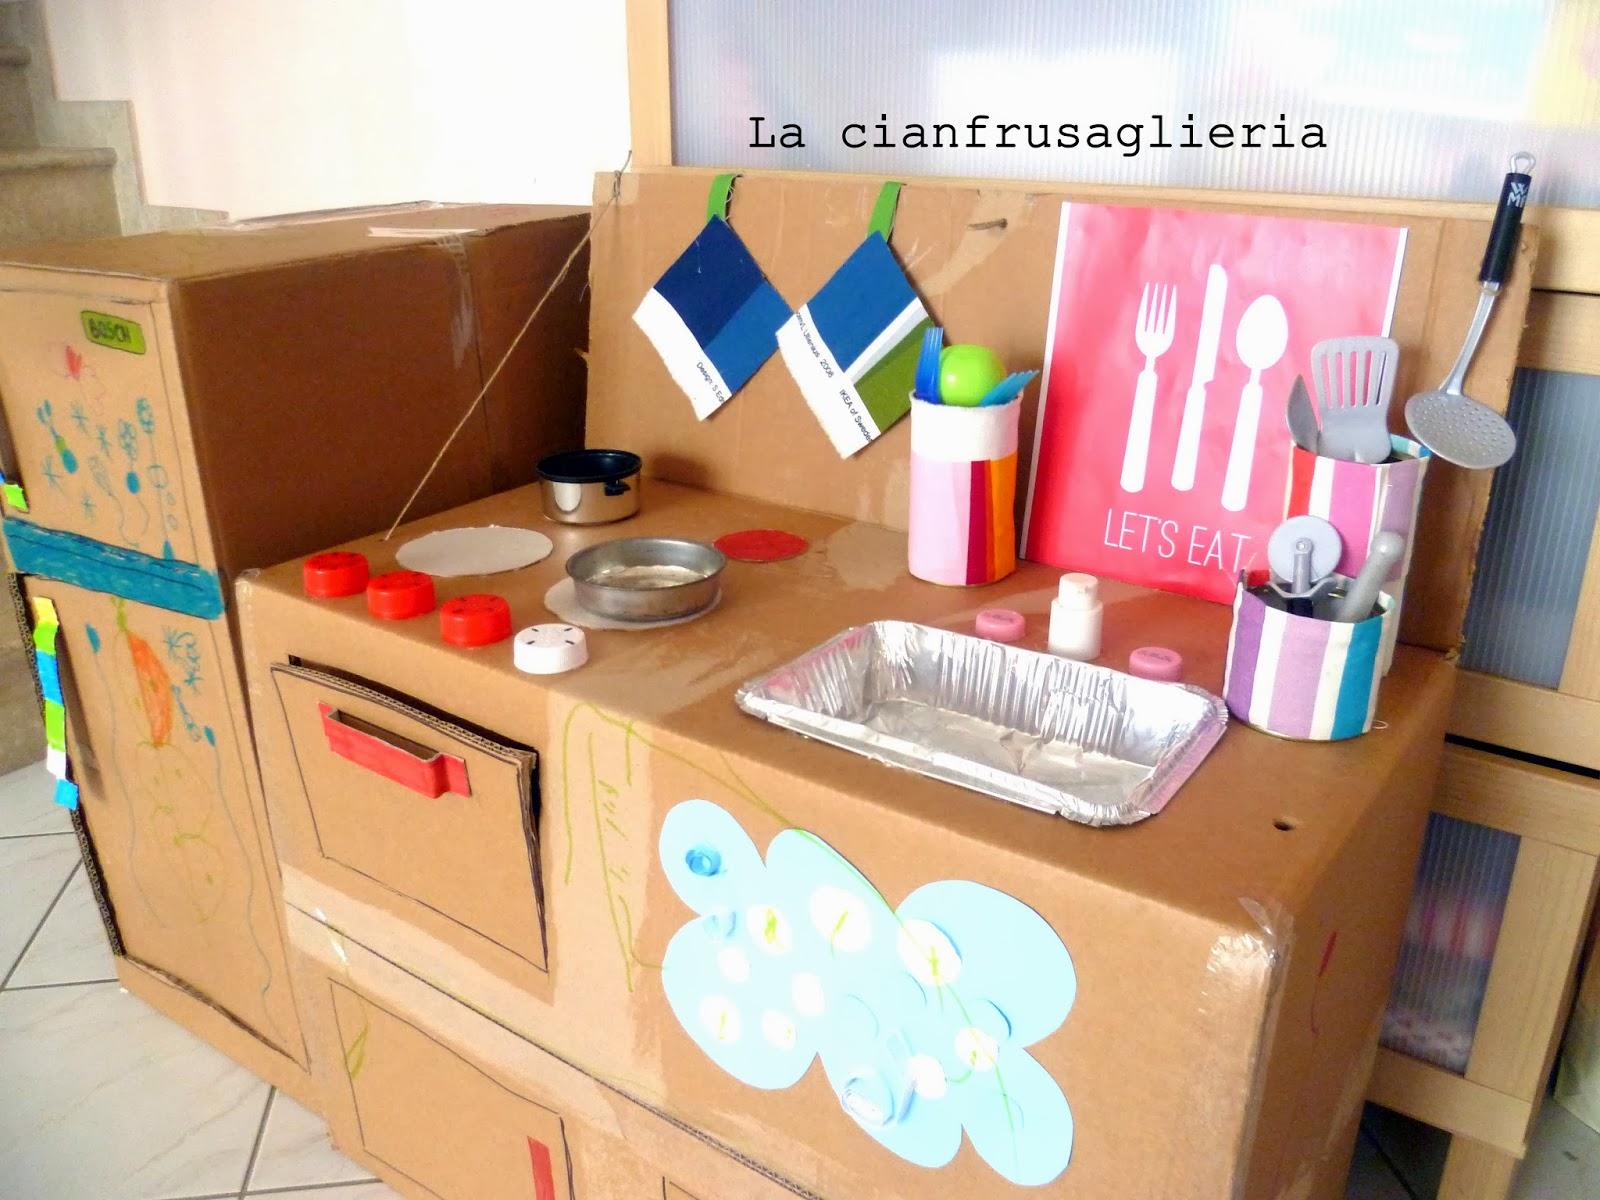 Come fare una cucina in cartone tutorial in italiano - Casa di cartone ...